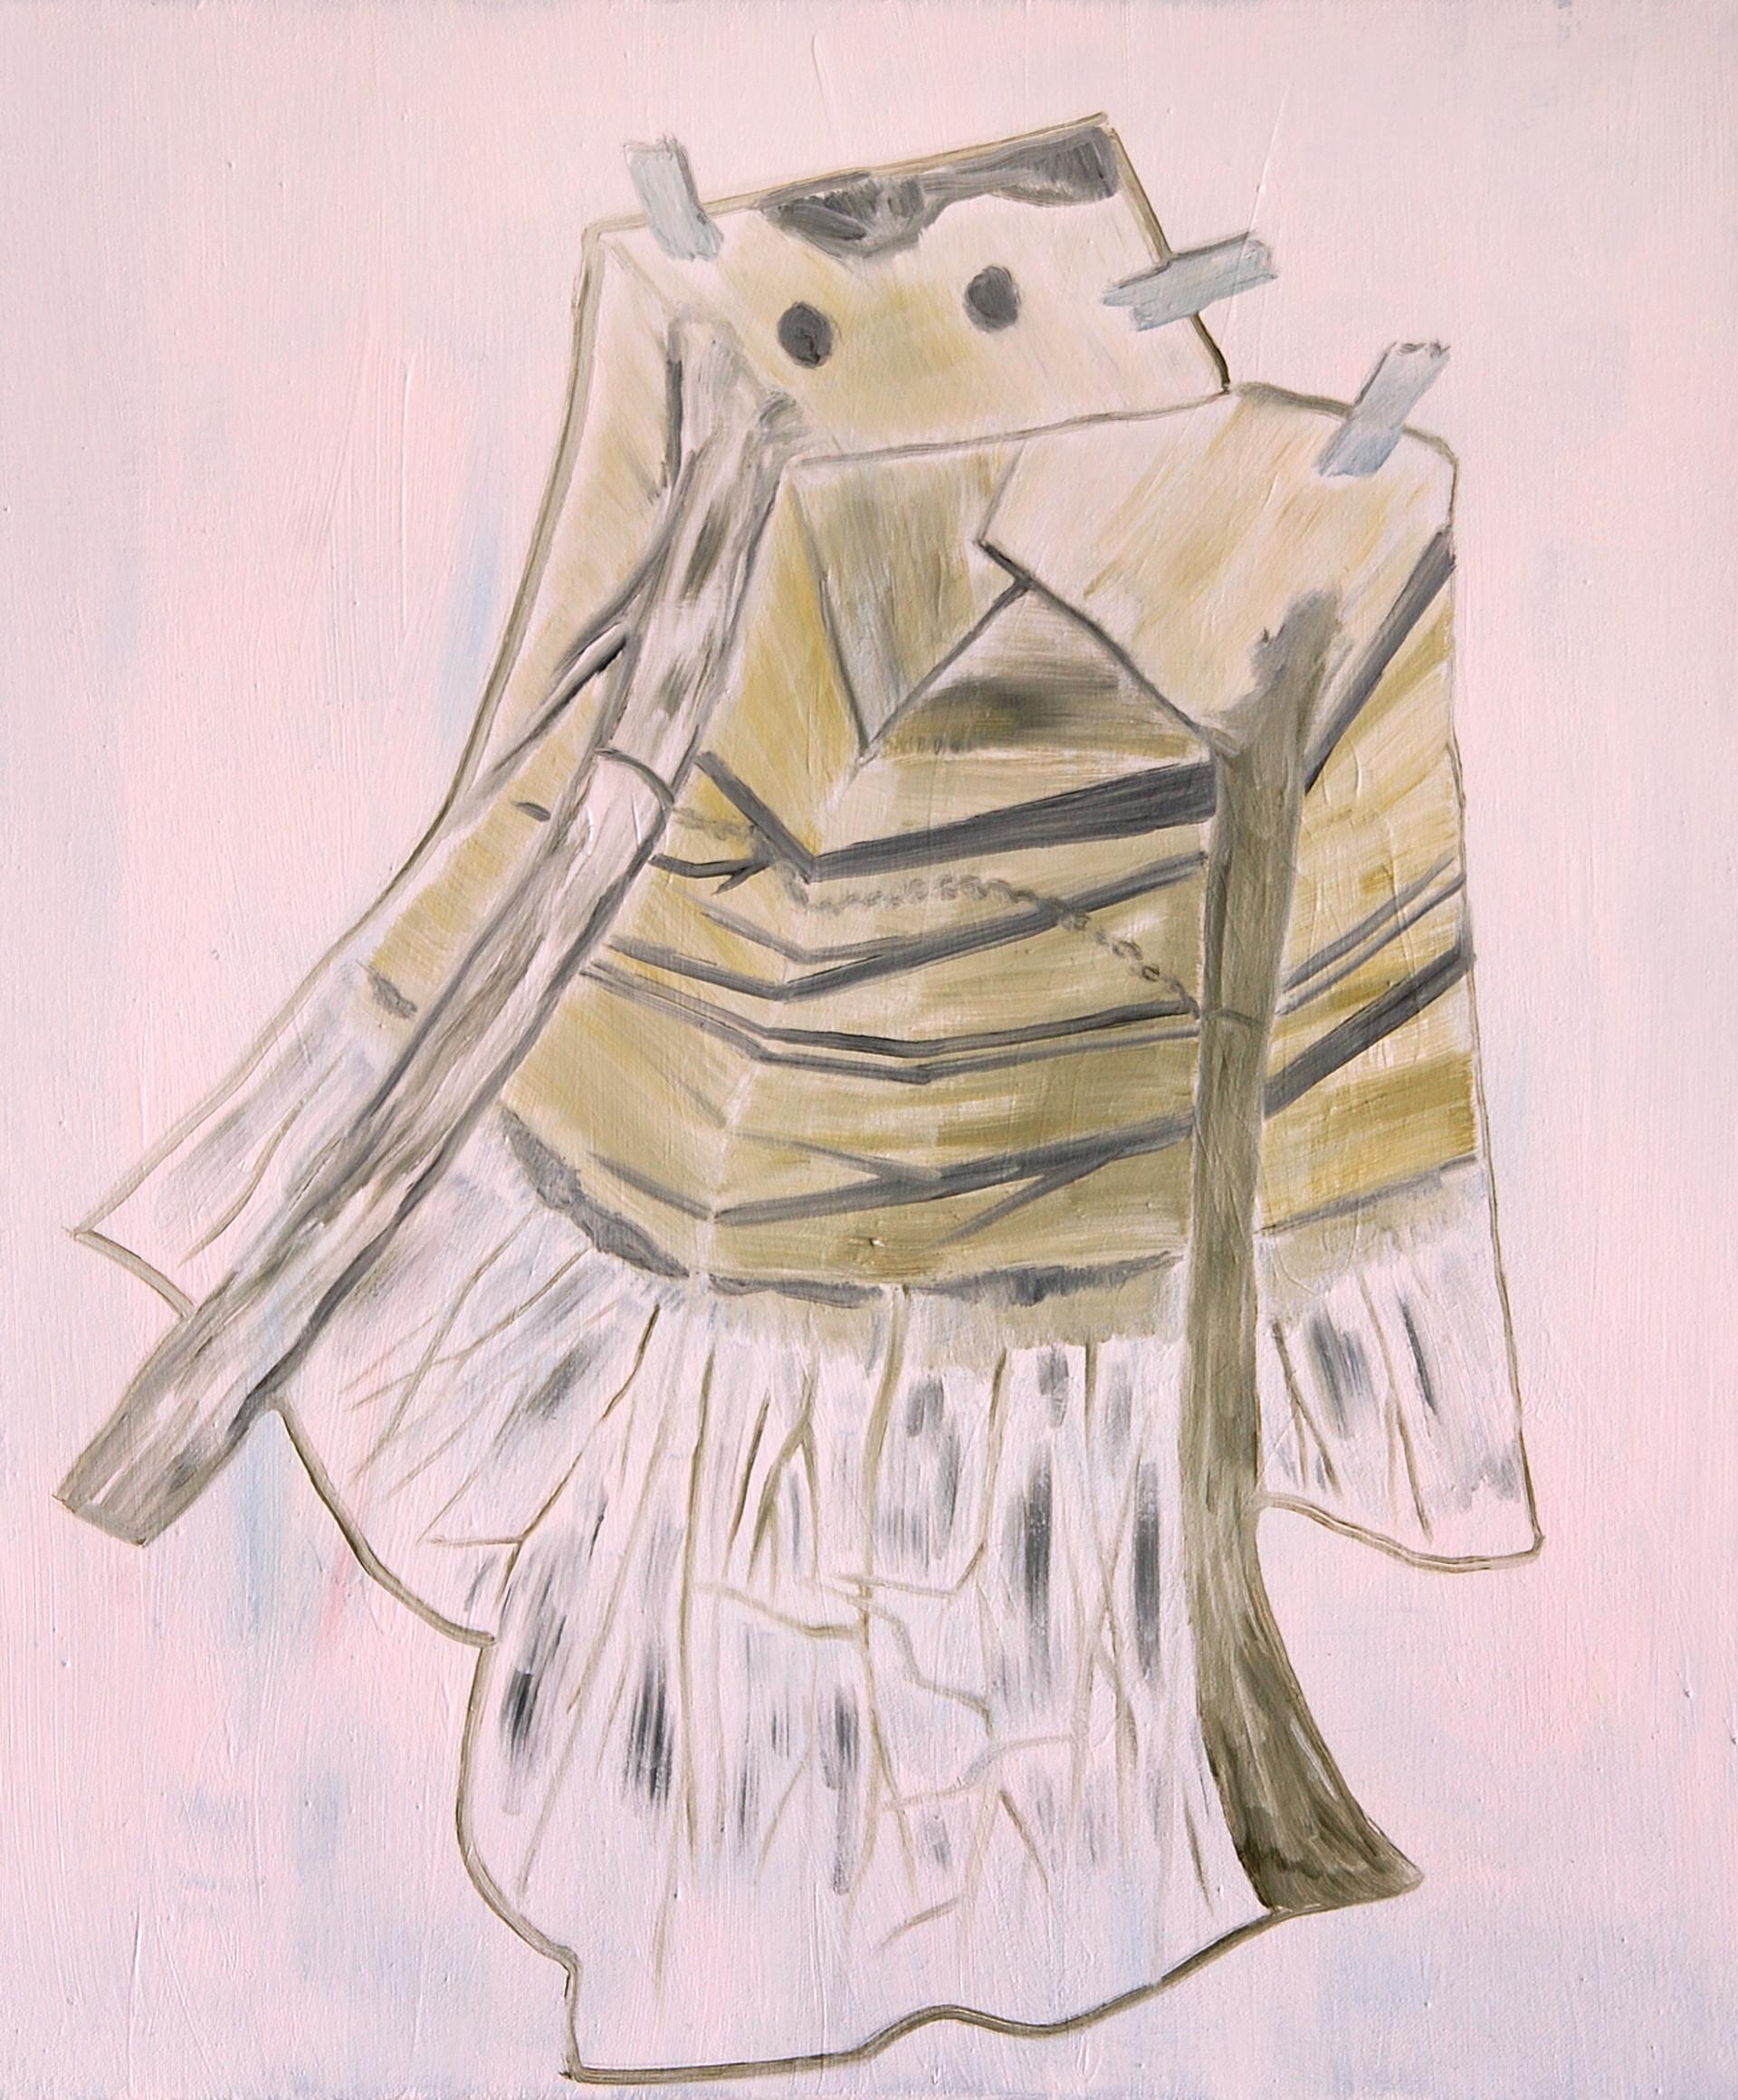 henriette - 2009 - öl auf leinwand - 60 x 50 cm